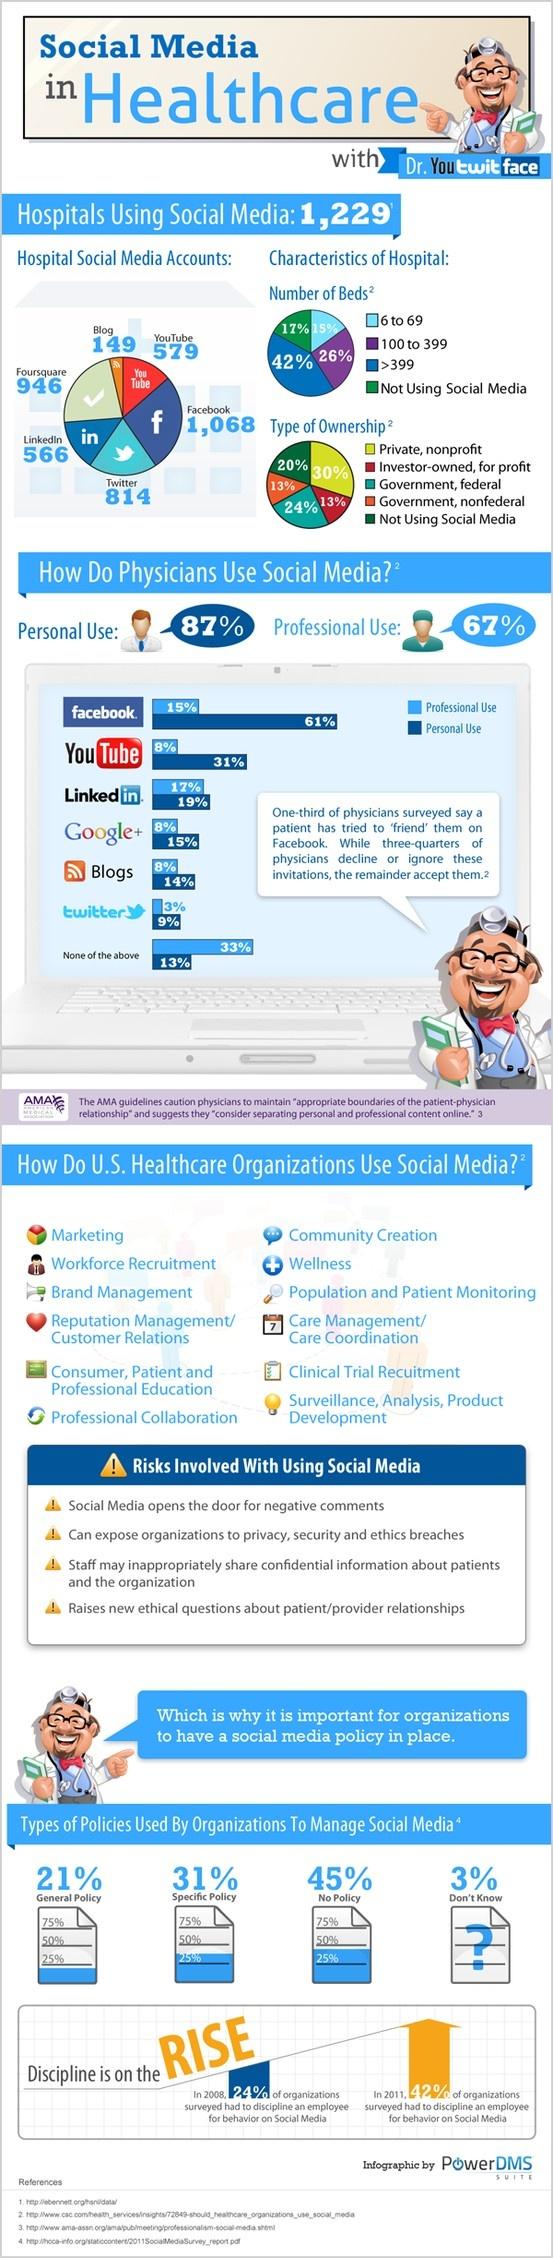 Professionnels de la santé et médias sociaux : quelques chiffres